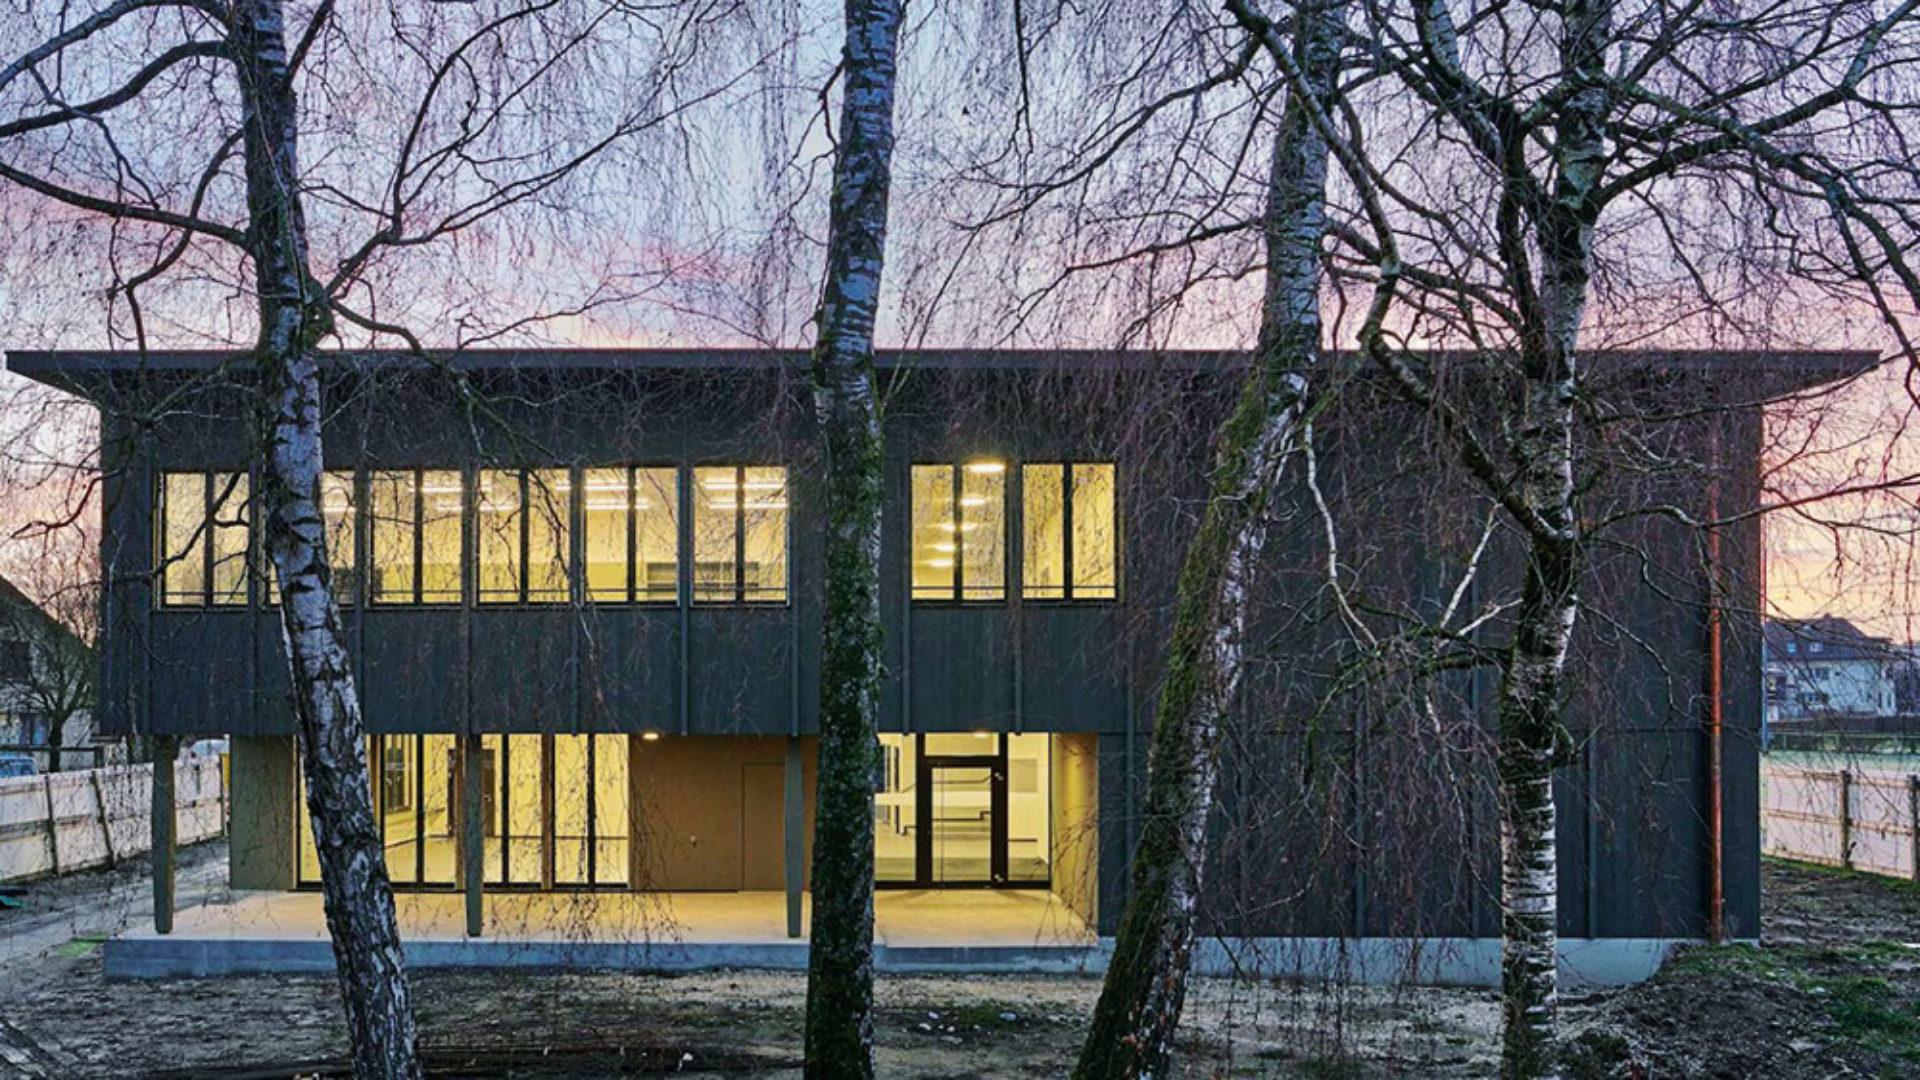 Beleuchtung_referenz_objekt_alle_Deckenleuchten_Schulpavillon_in_Schafisheim_perdix